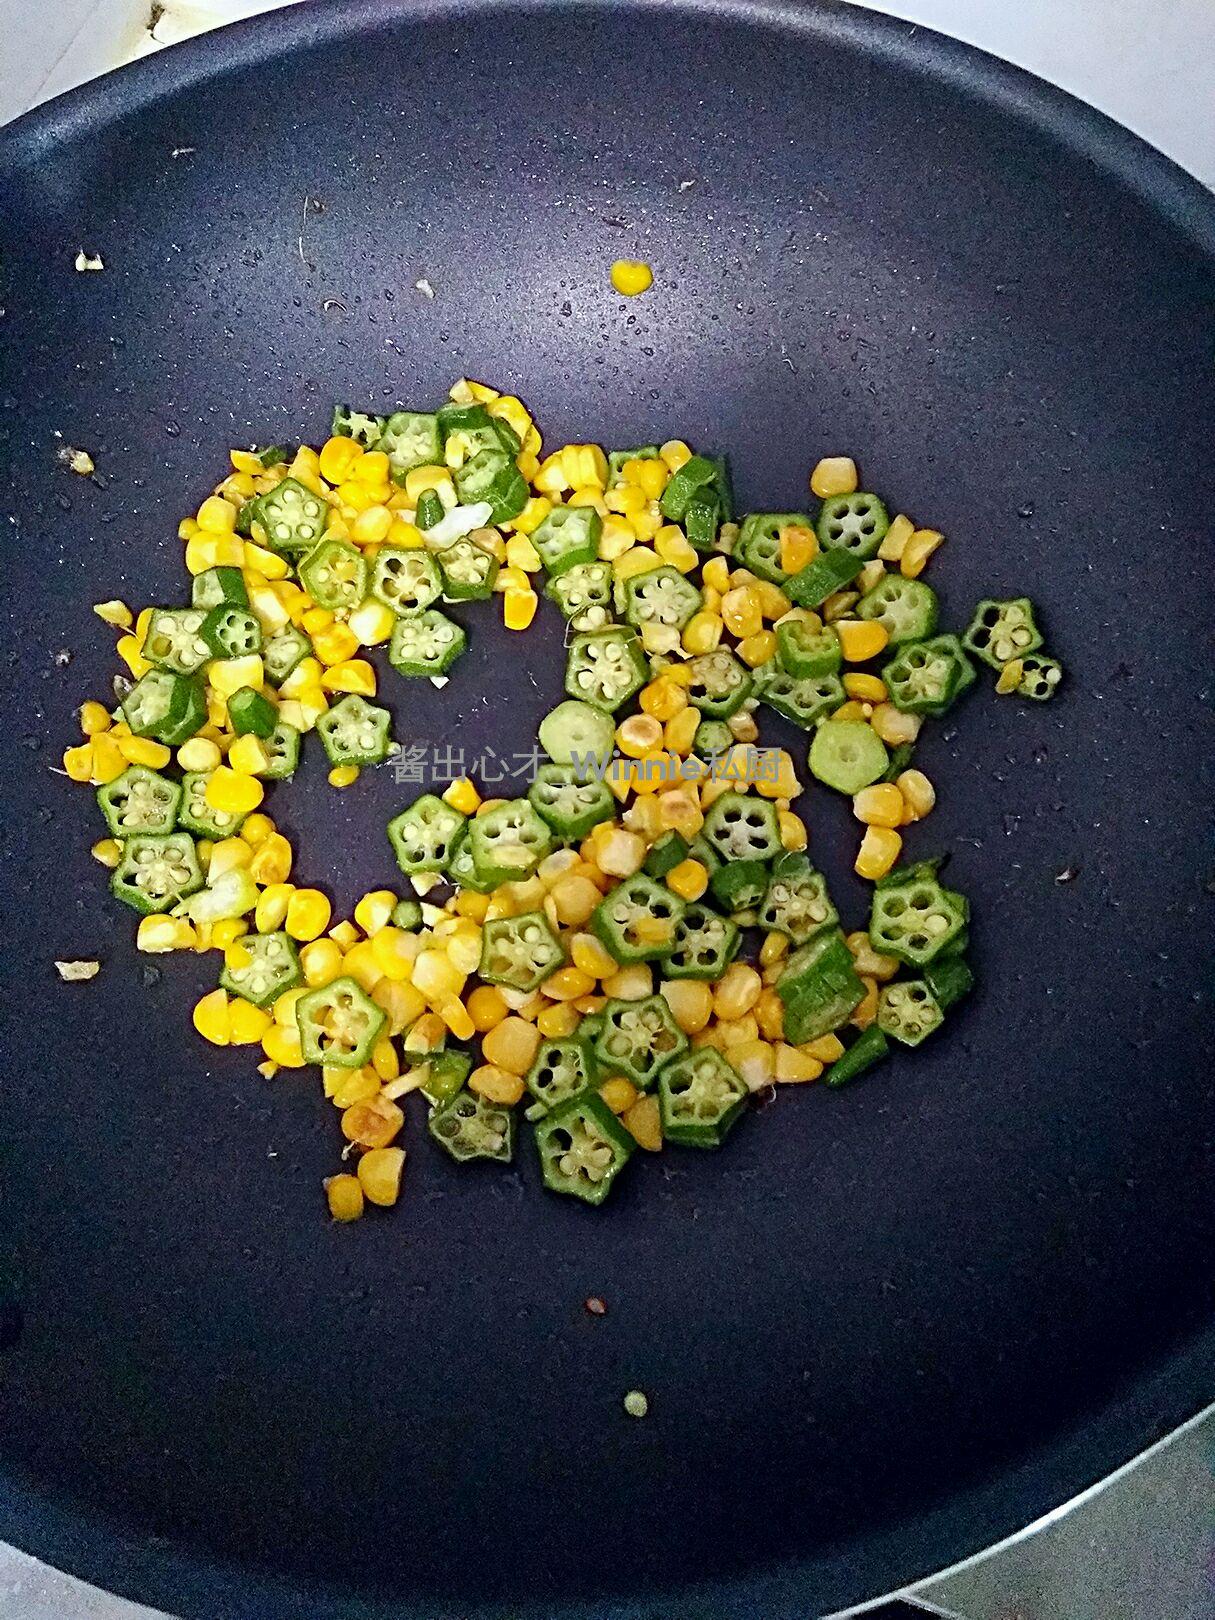 秋天的玉米怎么描写_玉米秋葵炒蛋怎么做_玉米秋葵炒蛋的做法_冰冰手记_豆果美食